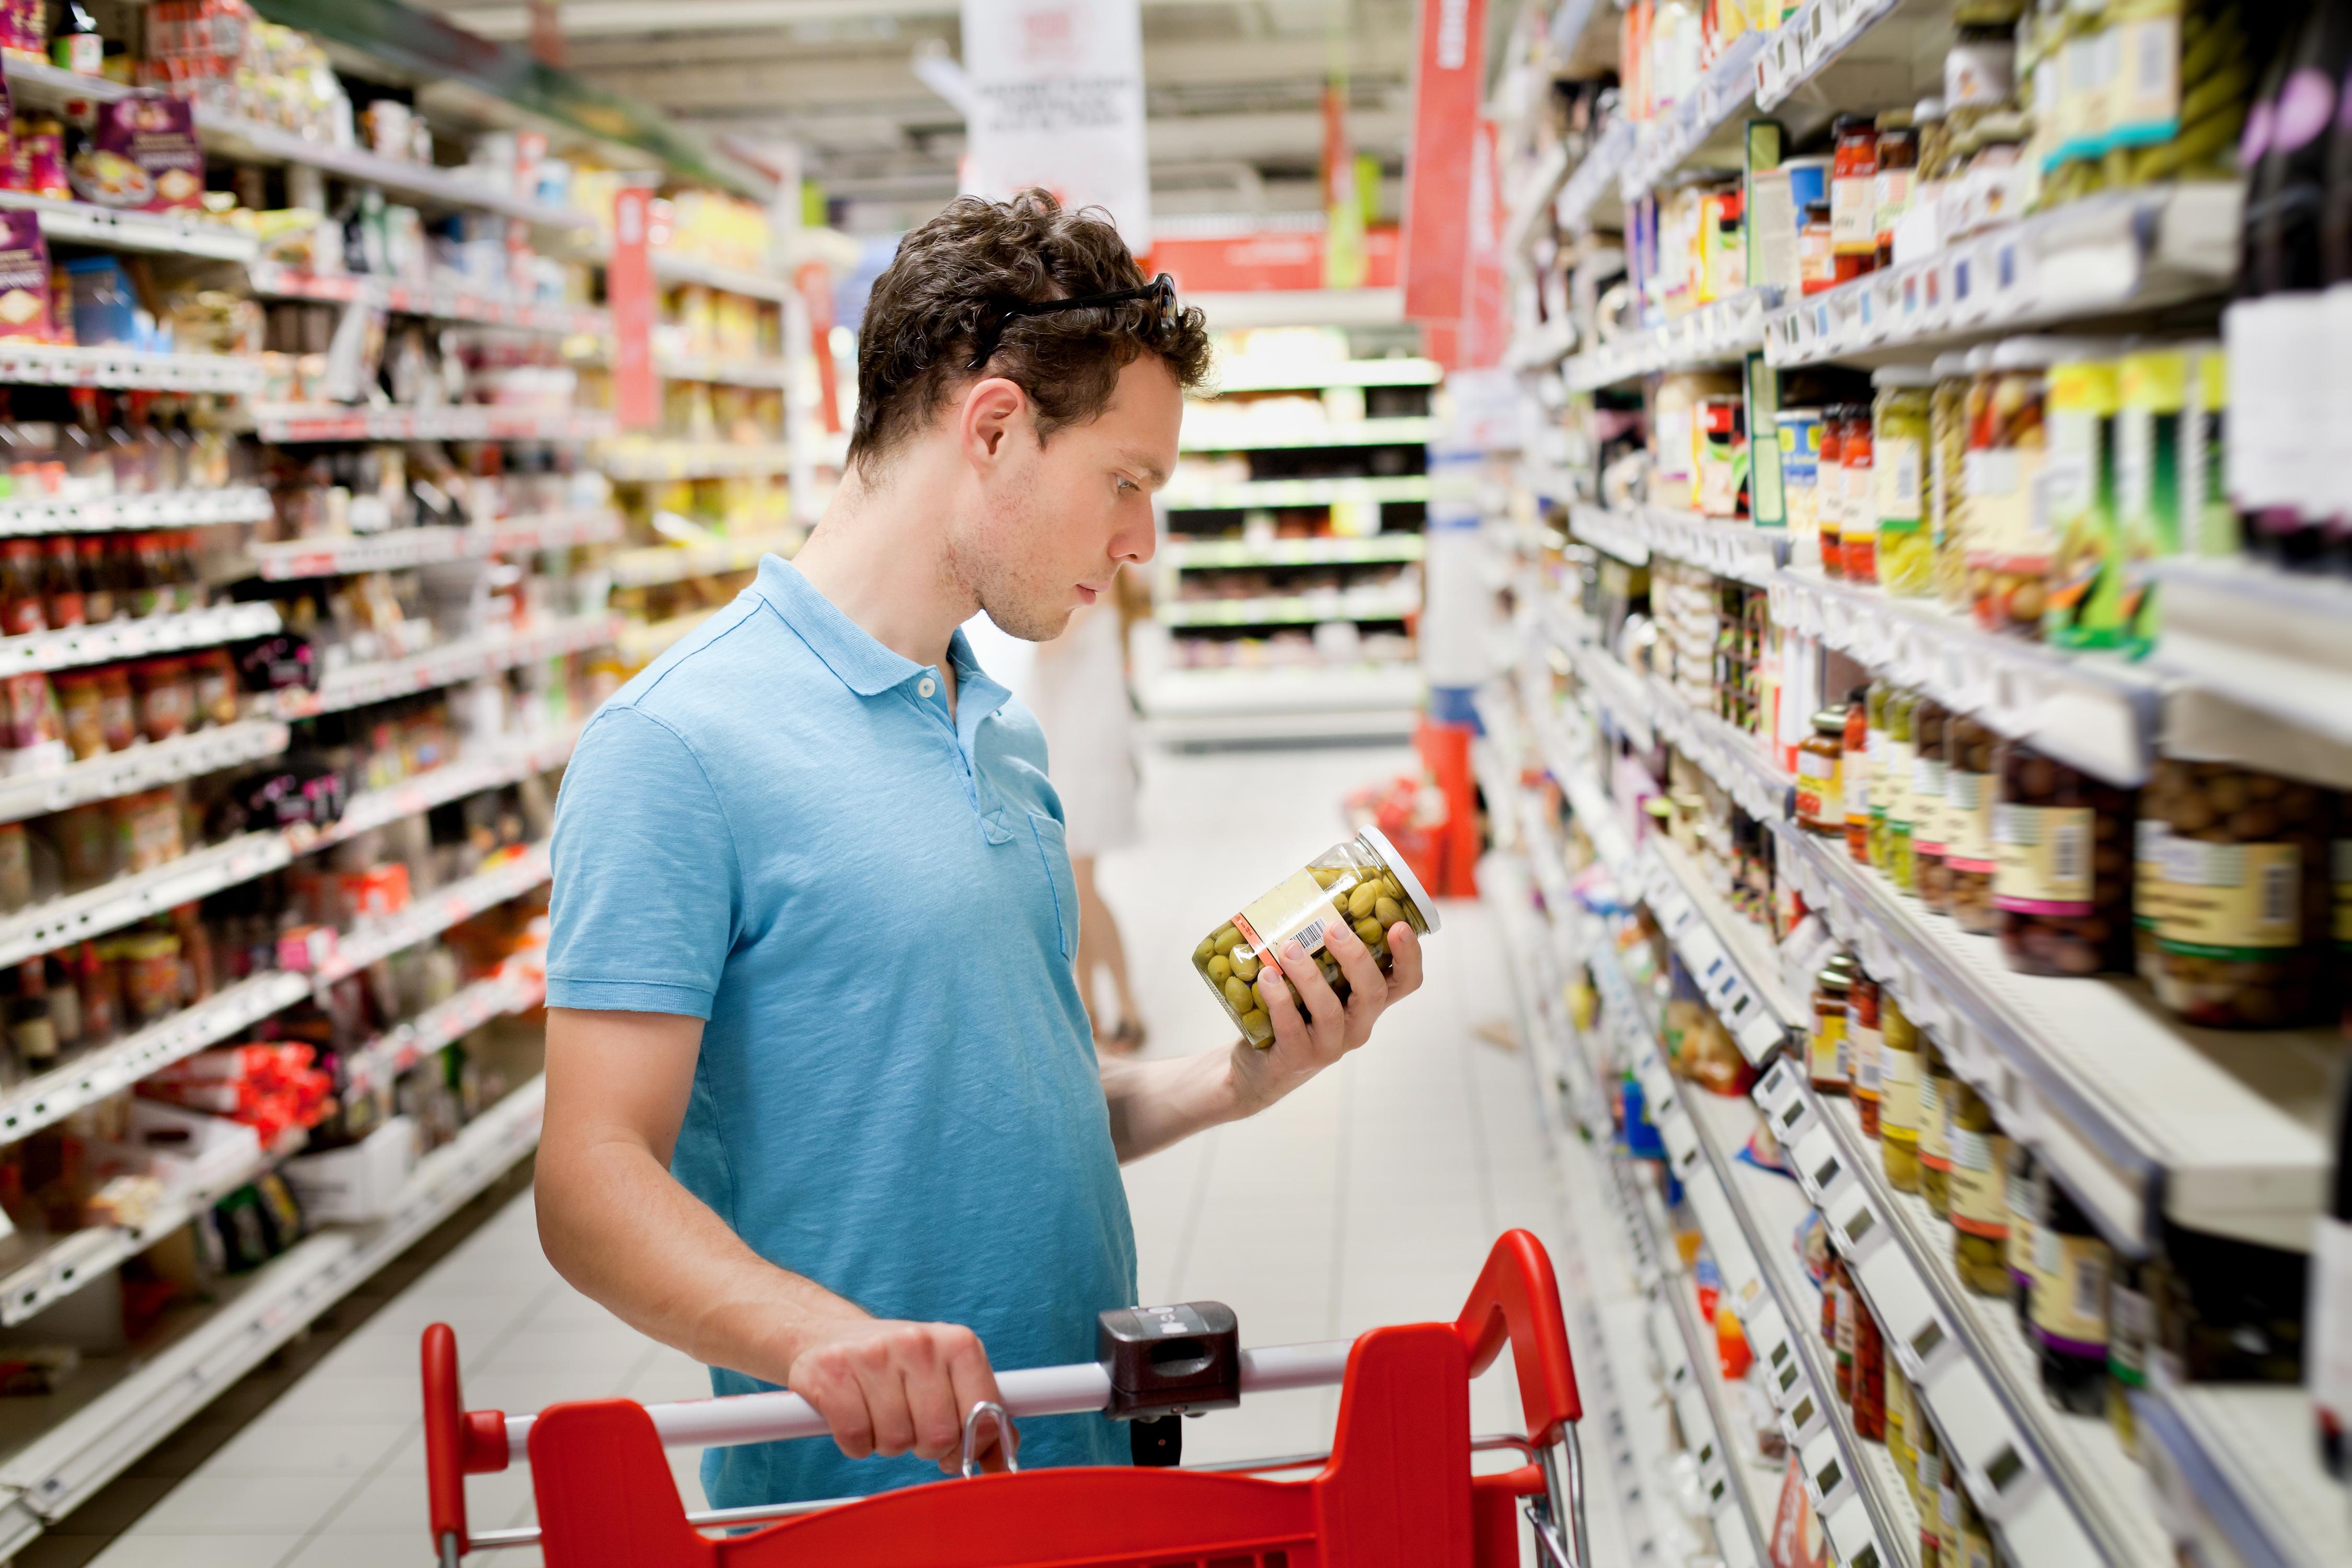 En nordisk undersökning visar på brister inom livsmedelsbranschen där felmärkta varor innehöll allergener som kan orsaka allergiska reaktioner.